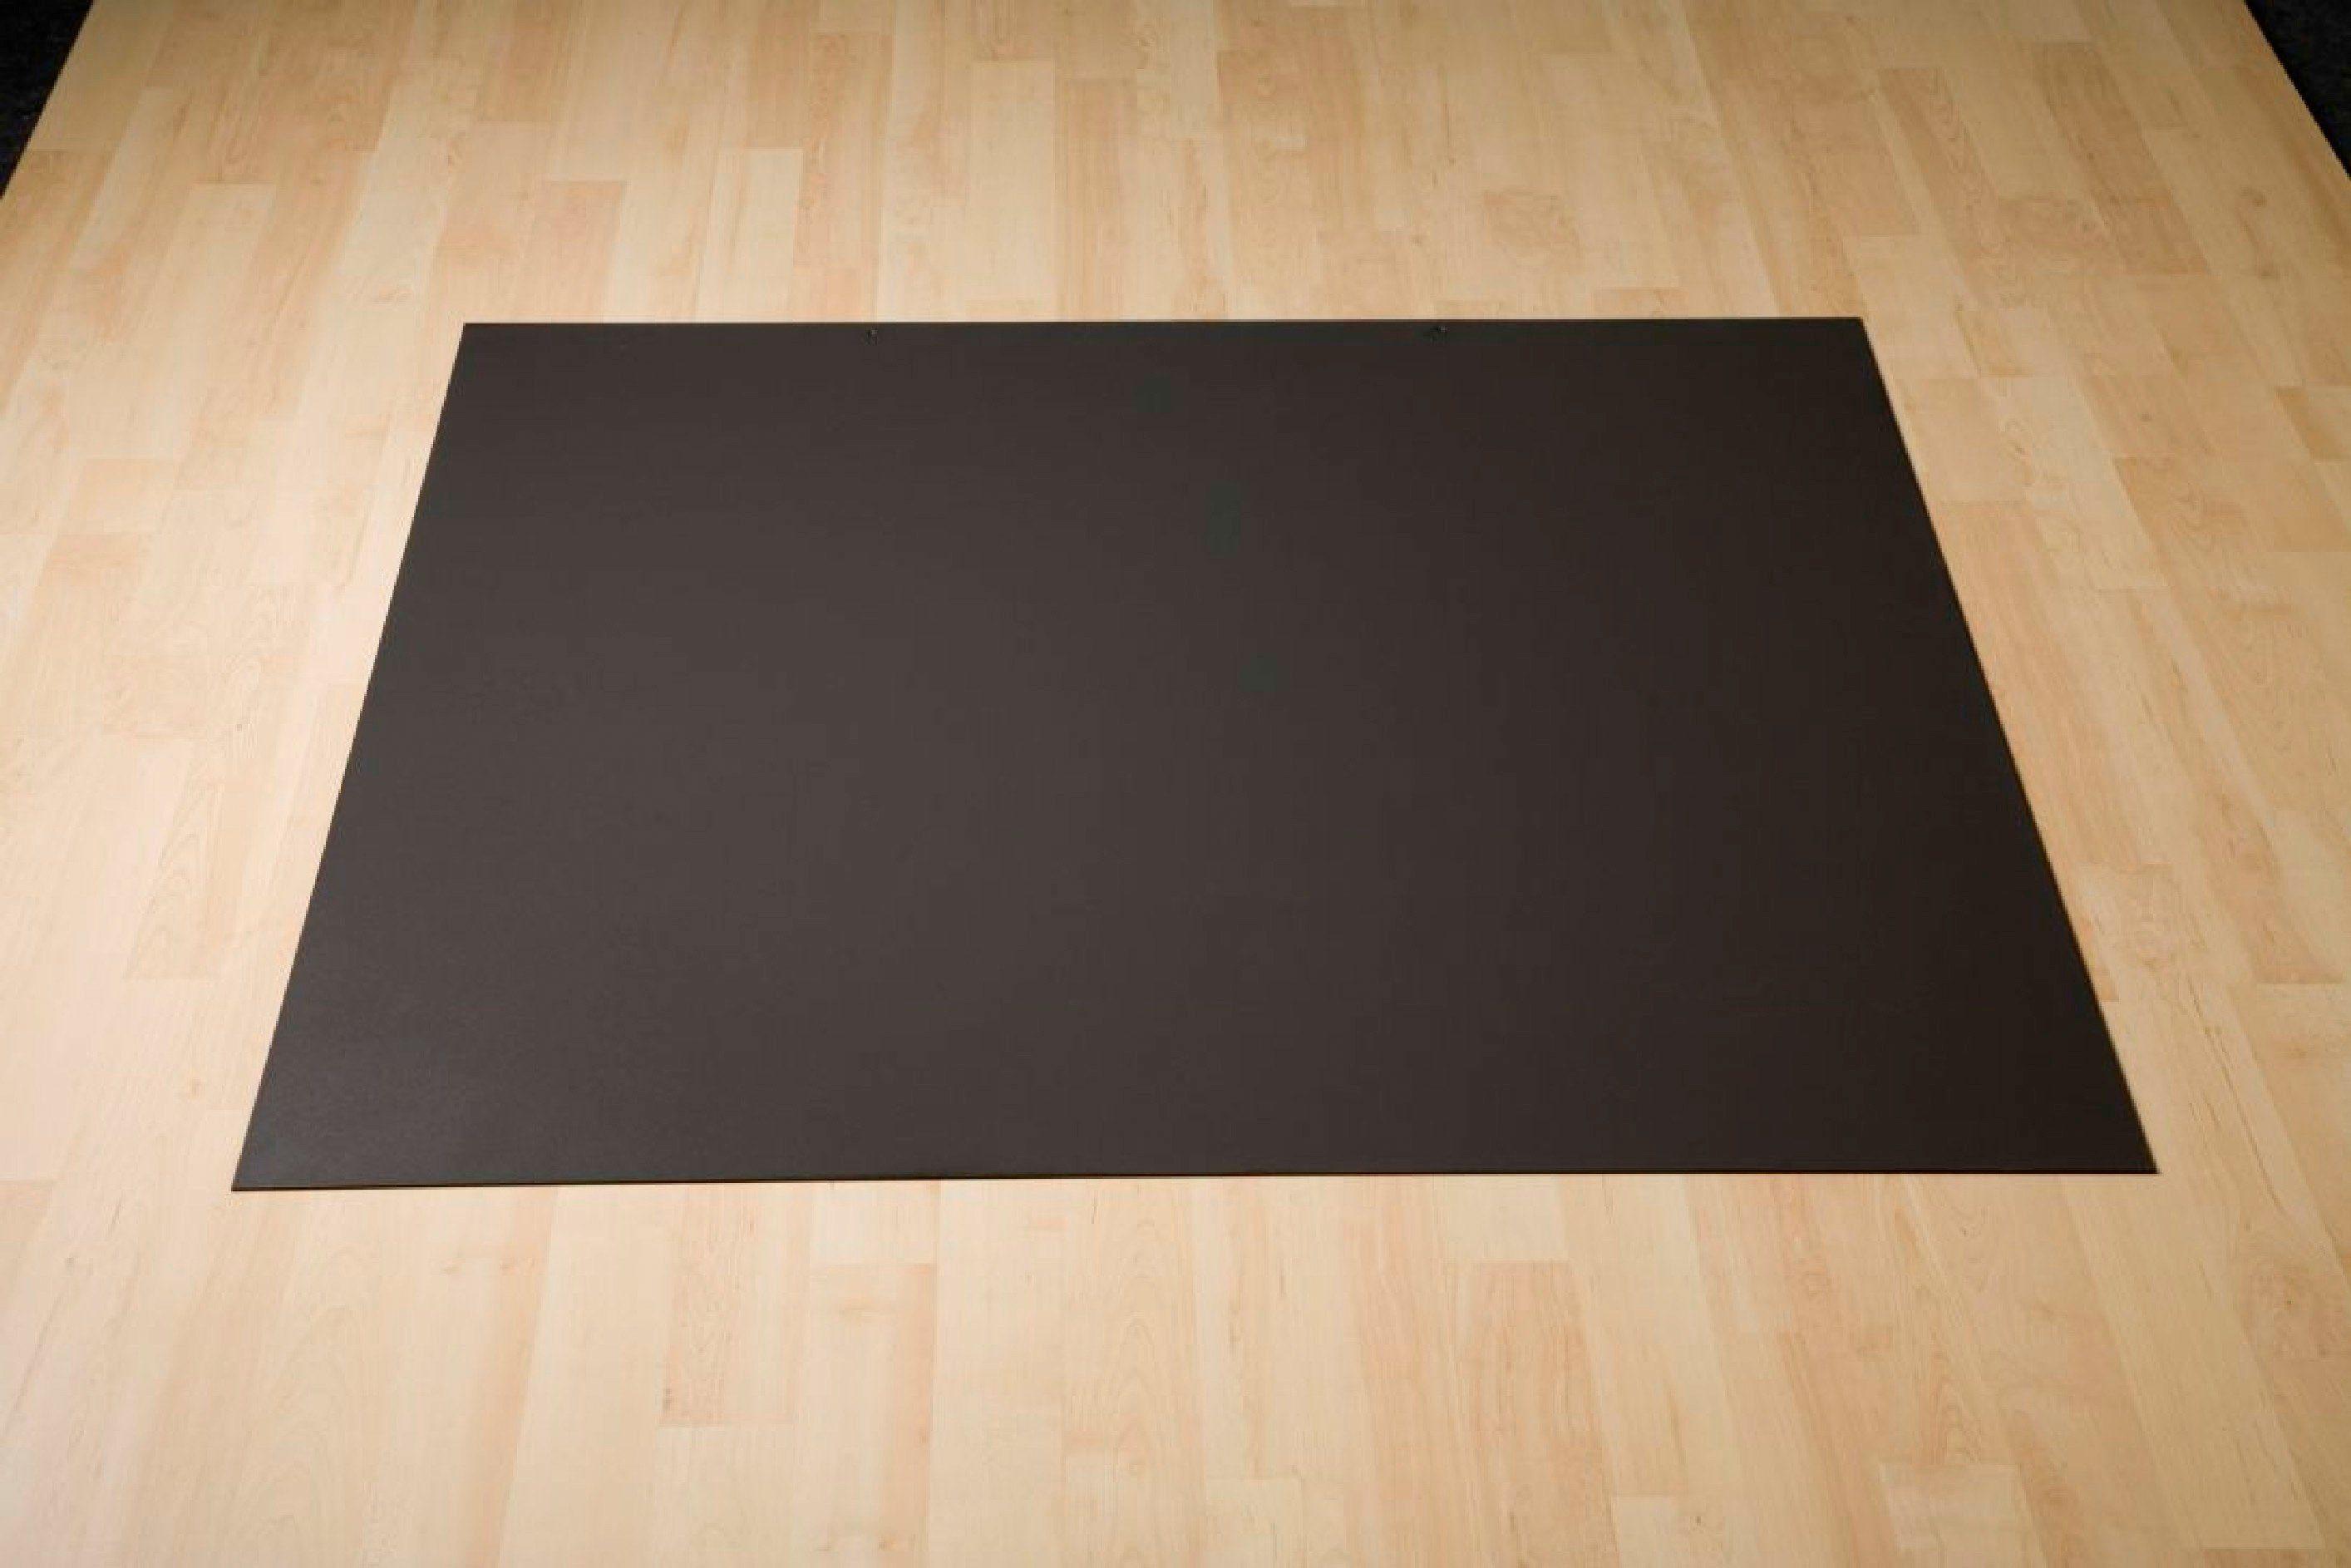 Stahlbodenplatte »Rechteck«, schwarz, zum Funkenschutz